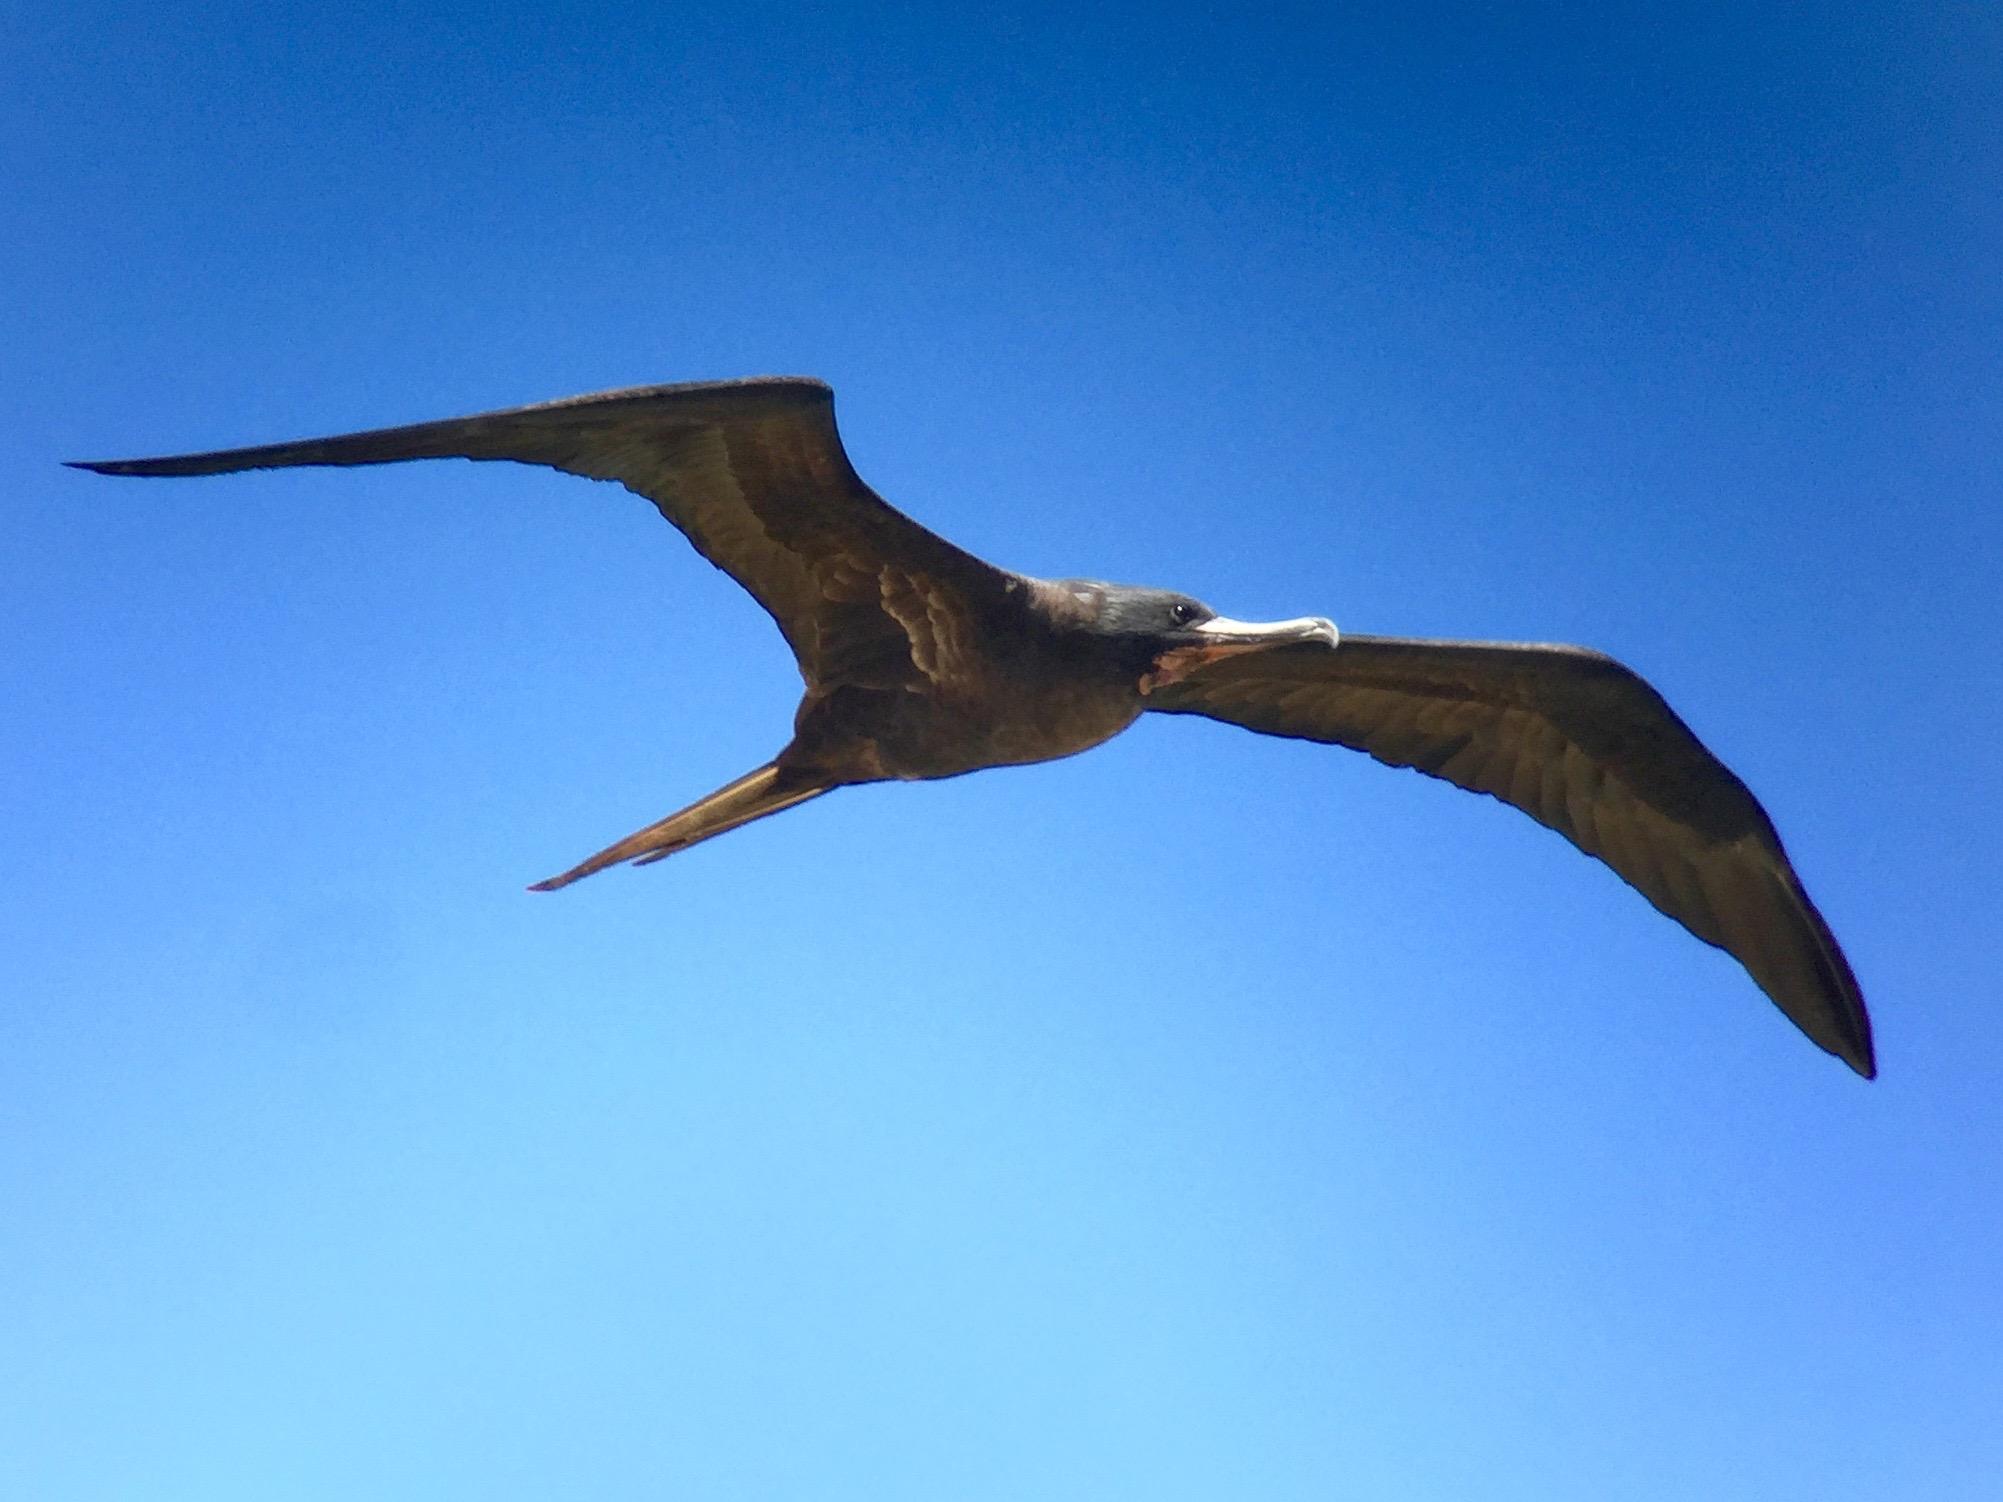 The Iwa bird.